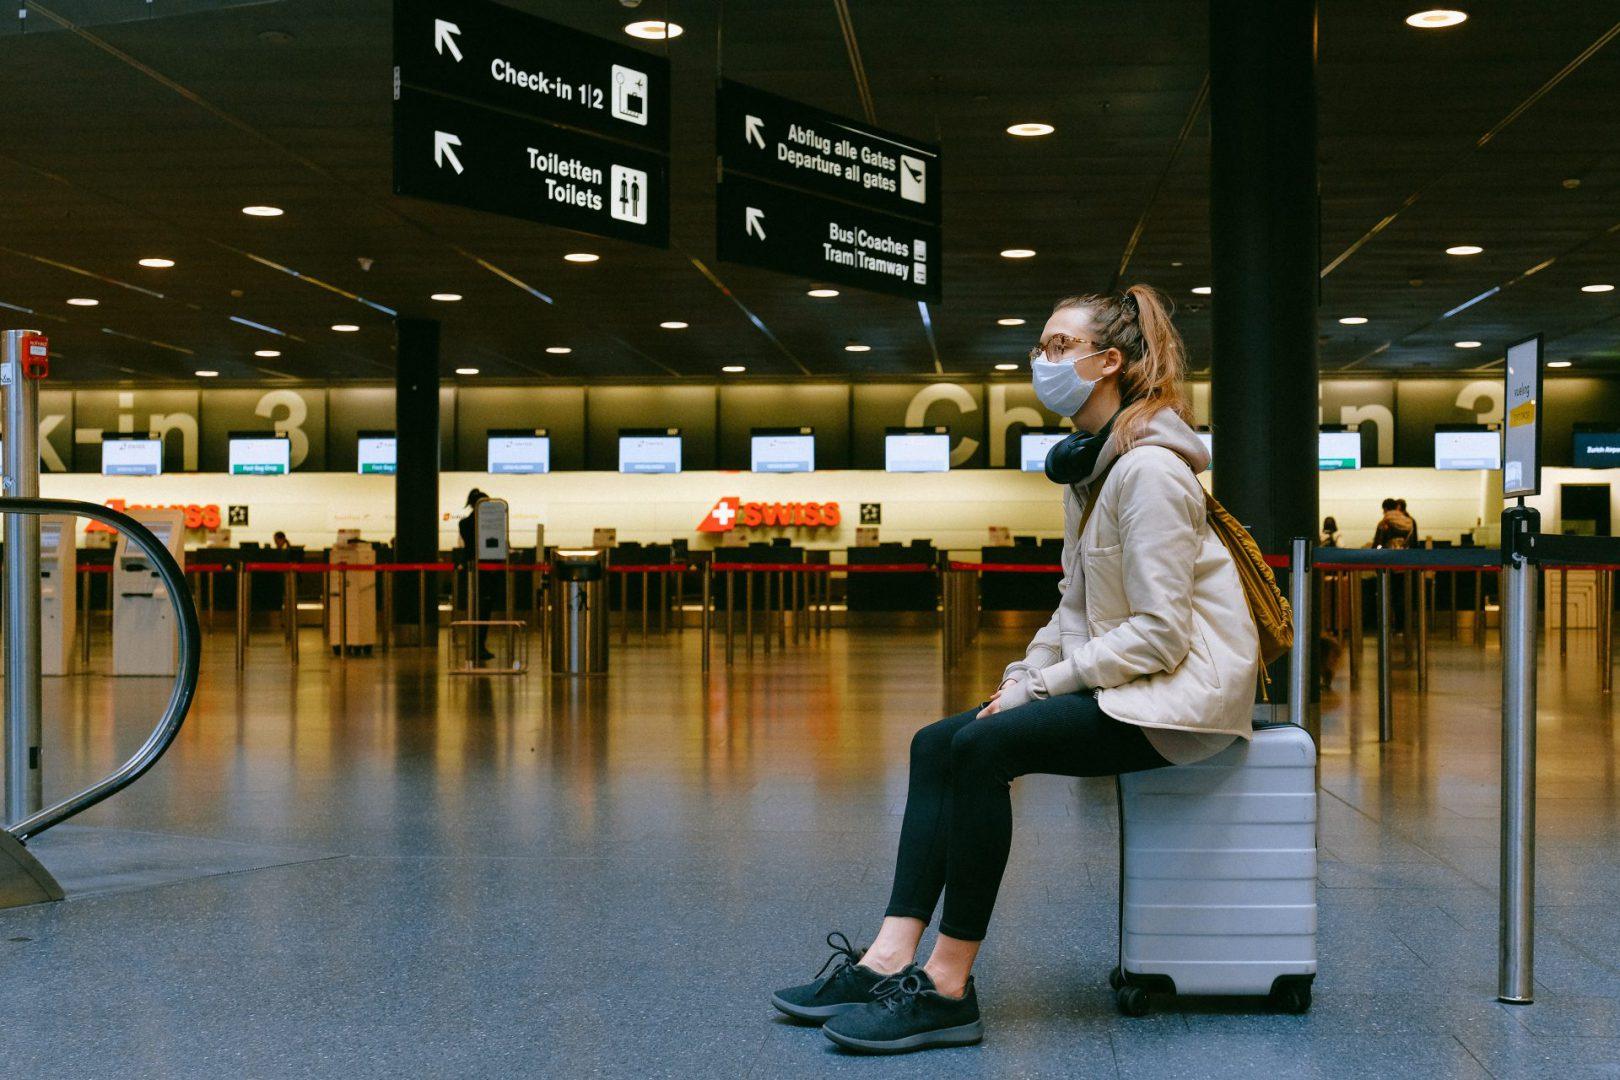 «En materia de expatriados y desplazados ahora hay que ser muy previsores, flexibles y estar alerta ante cualquier cambio»